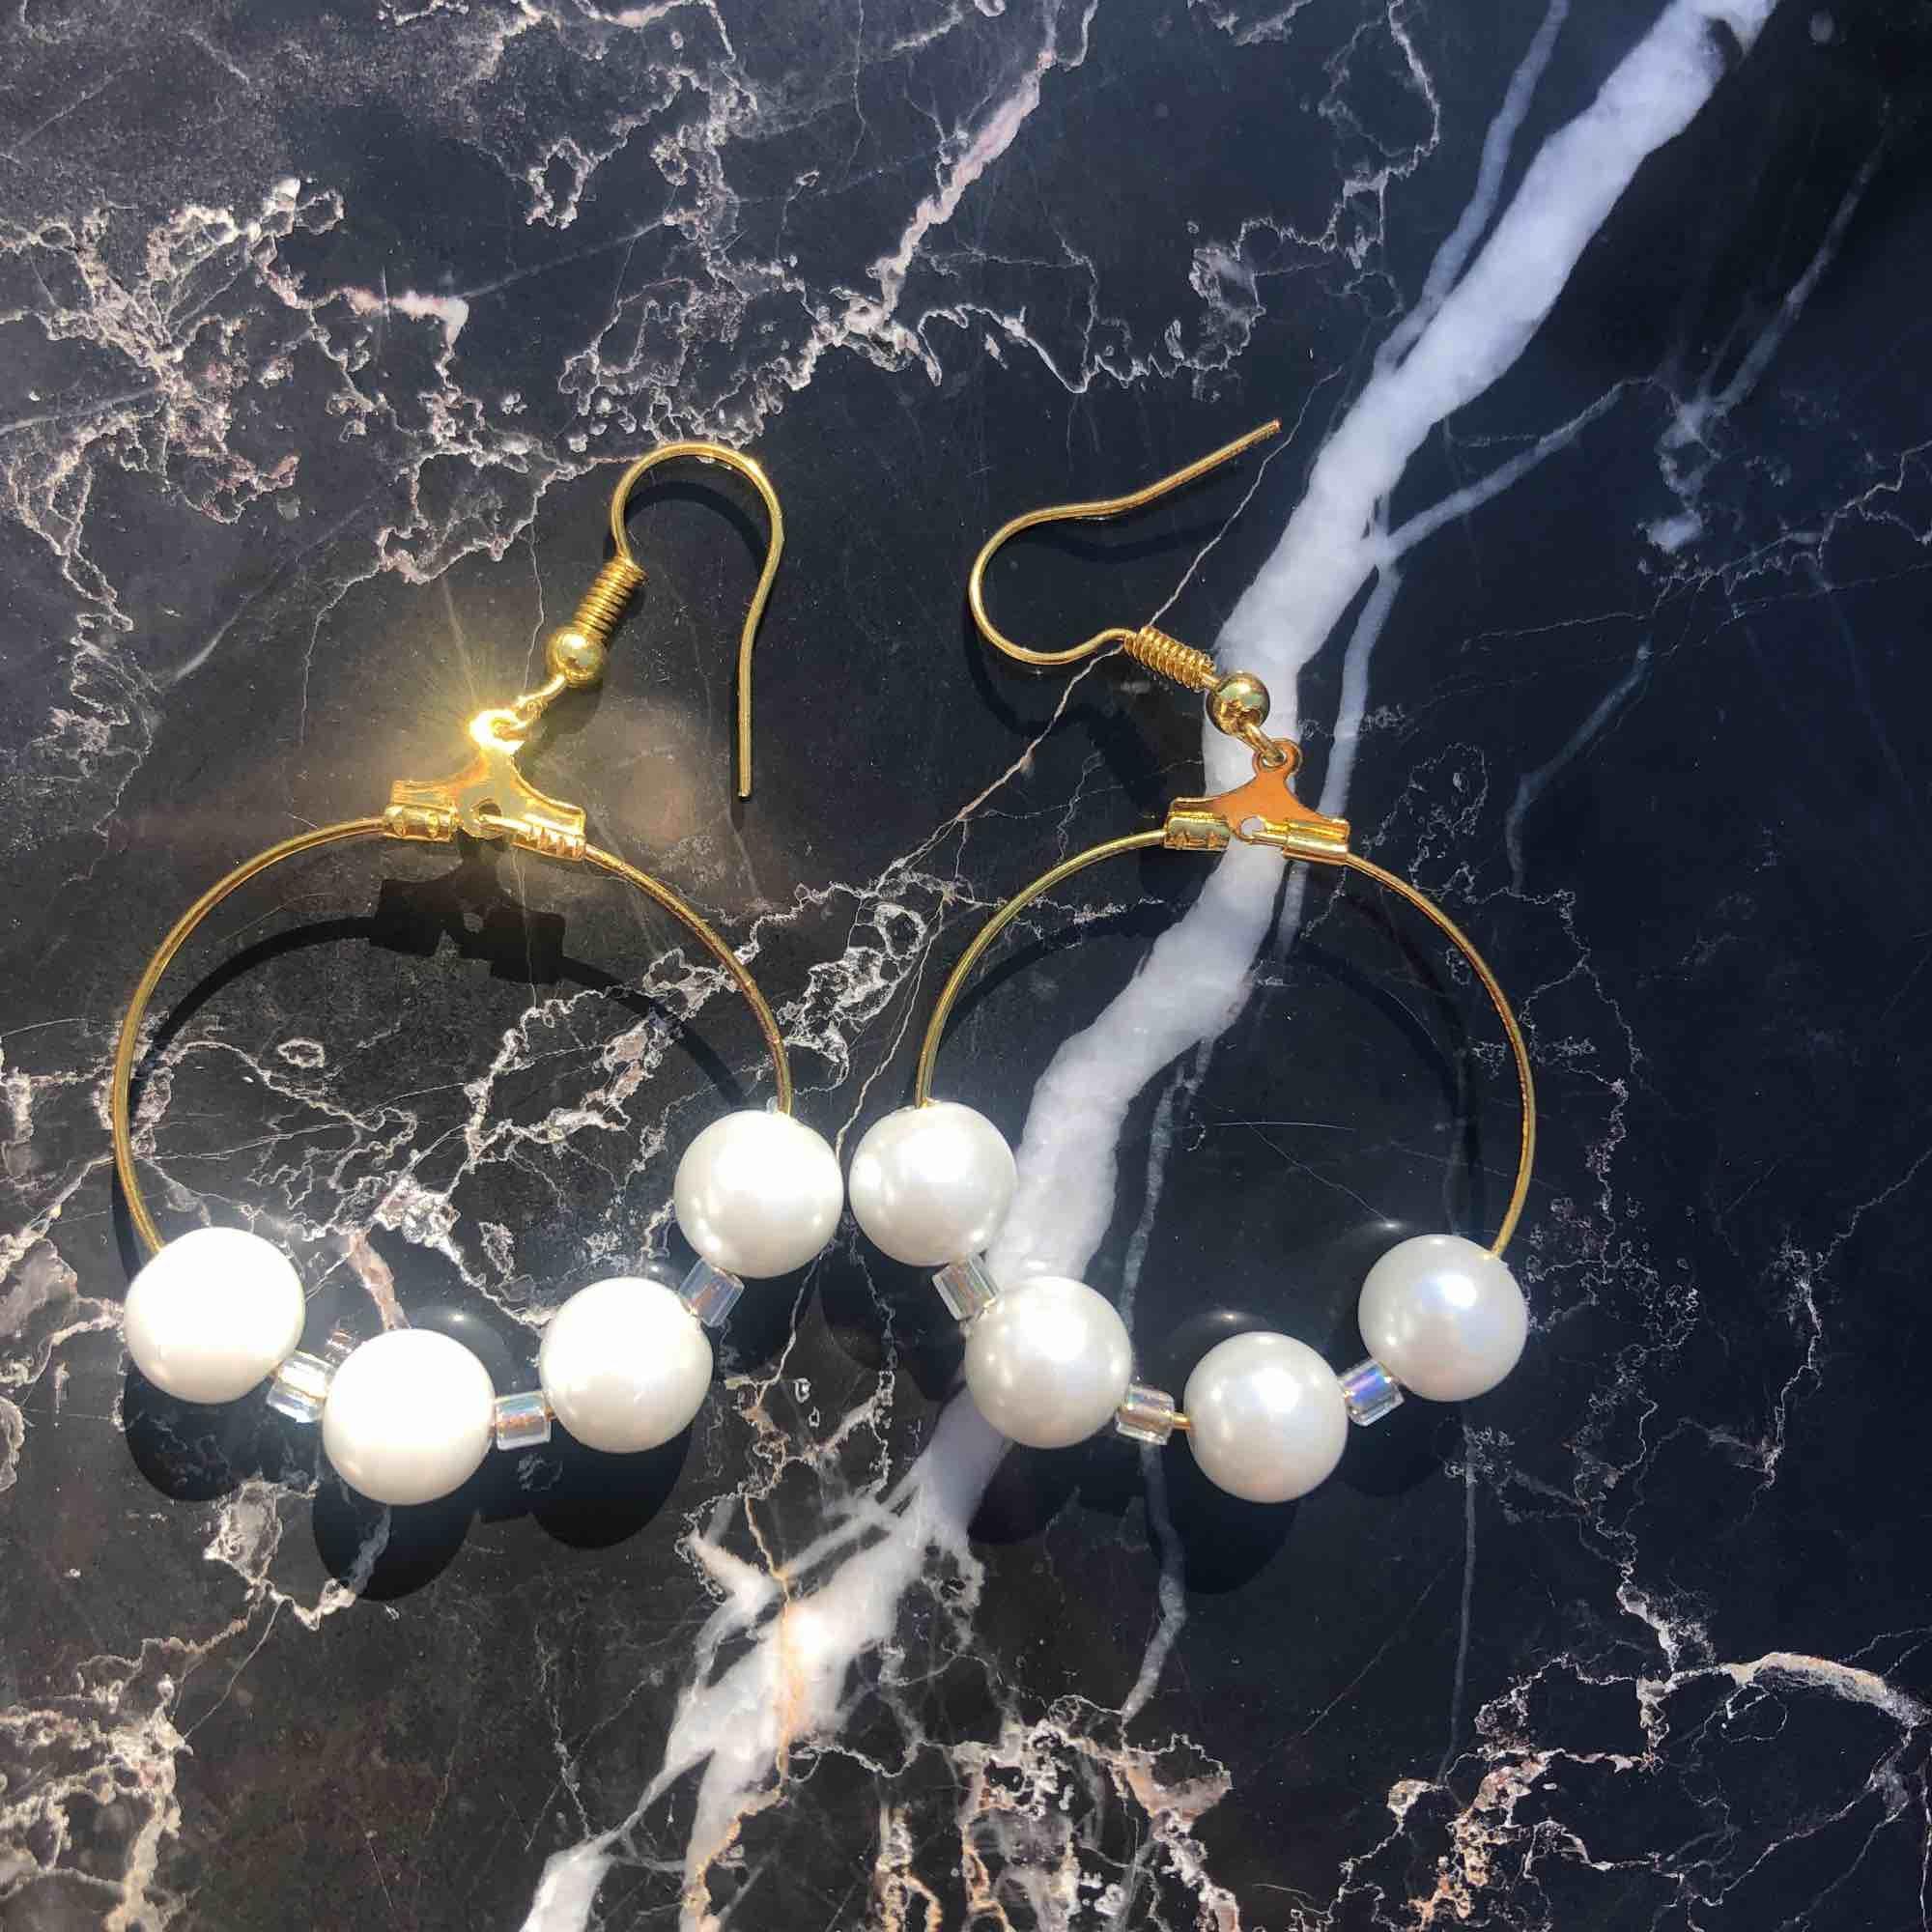 Nya oanvända örhängen med äkta glaspärlor 🌞 5 kr frakt. Accessoarer.